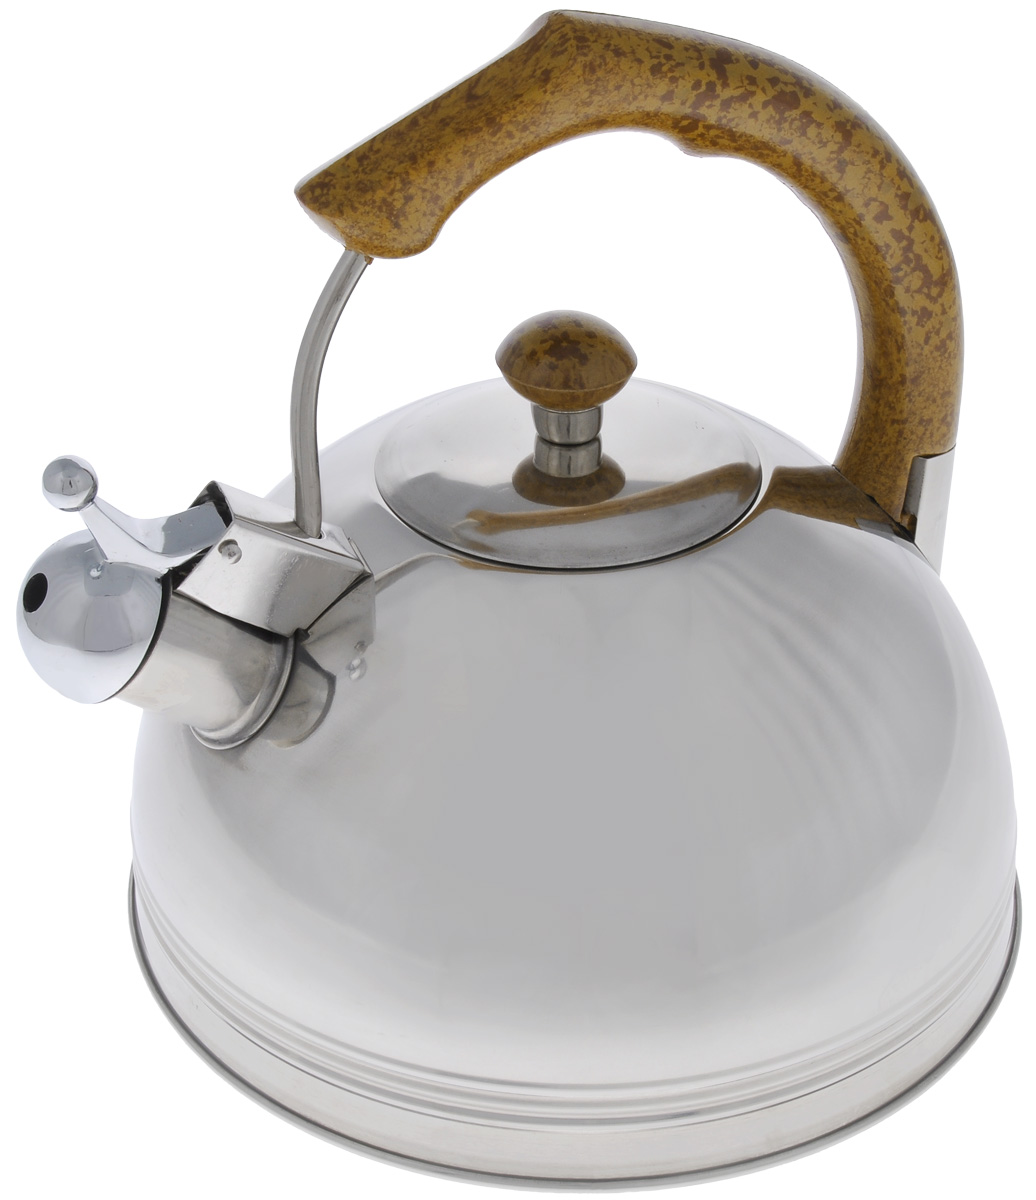 Чайник Mayer & Boch, со свистком, 2,5 л. 6088115510Чайник Mayer & Boch выполнен из высококачественной нержавеющей стали, что делает его весьма гигиеничным и устойчивым к износу при длительном использовании. Капсулированное дно с прослойкой из алюминия обеспечивает наилучшее распределение тепла. Носик чайника оснащен насадкой-свистком, что позволит вам контролировать процесс подогрева или кипячения воды. Фиксированная ручка, изготовленная из бакелита в цвет дерева, делает использование чайника очень удобным и безопасным. Поверхность чайника гладкая, что облегчает уход за ним. Эстетичный и функциональный, с эксклюзивным дизайном, чайник будет оригинально смотреться в любом интерьере.Подходит для всех типов плит, кроме индукционных. Можно мыть в посудомоечной машине.Высота чайника (без учета ручки и крышки): 8,5 см.Высота чайника (с учетом ручки и крышки): 21 см.Диаметр чайника (по верхнему краю): 11,5 см.